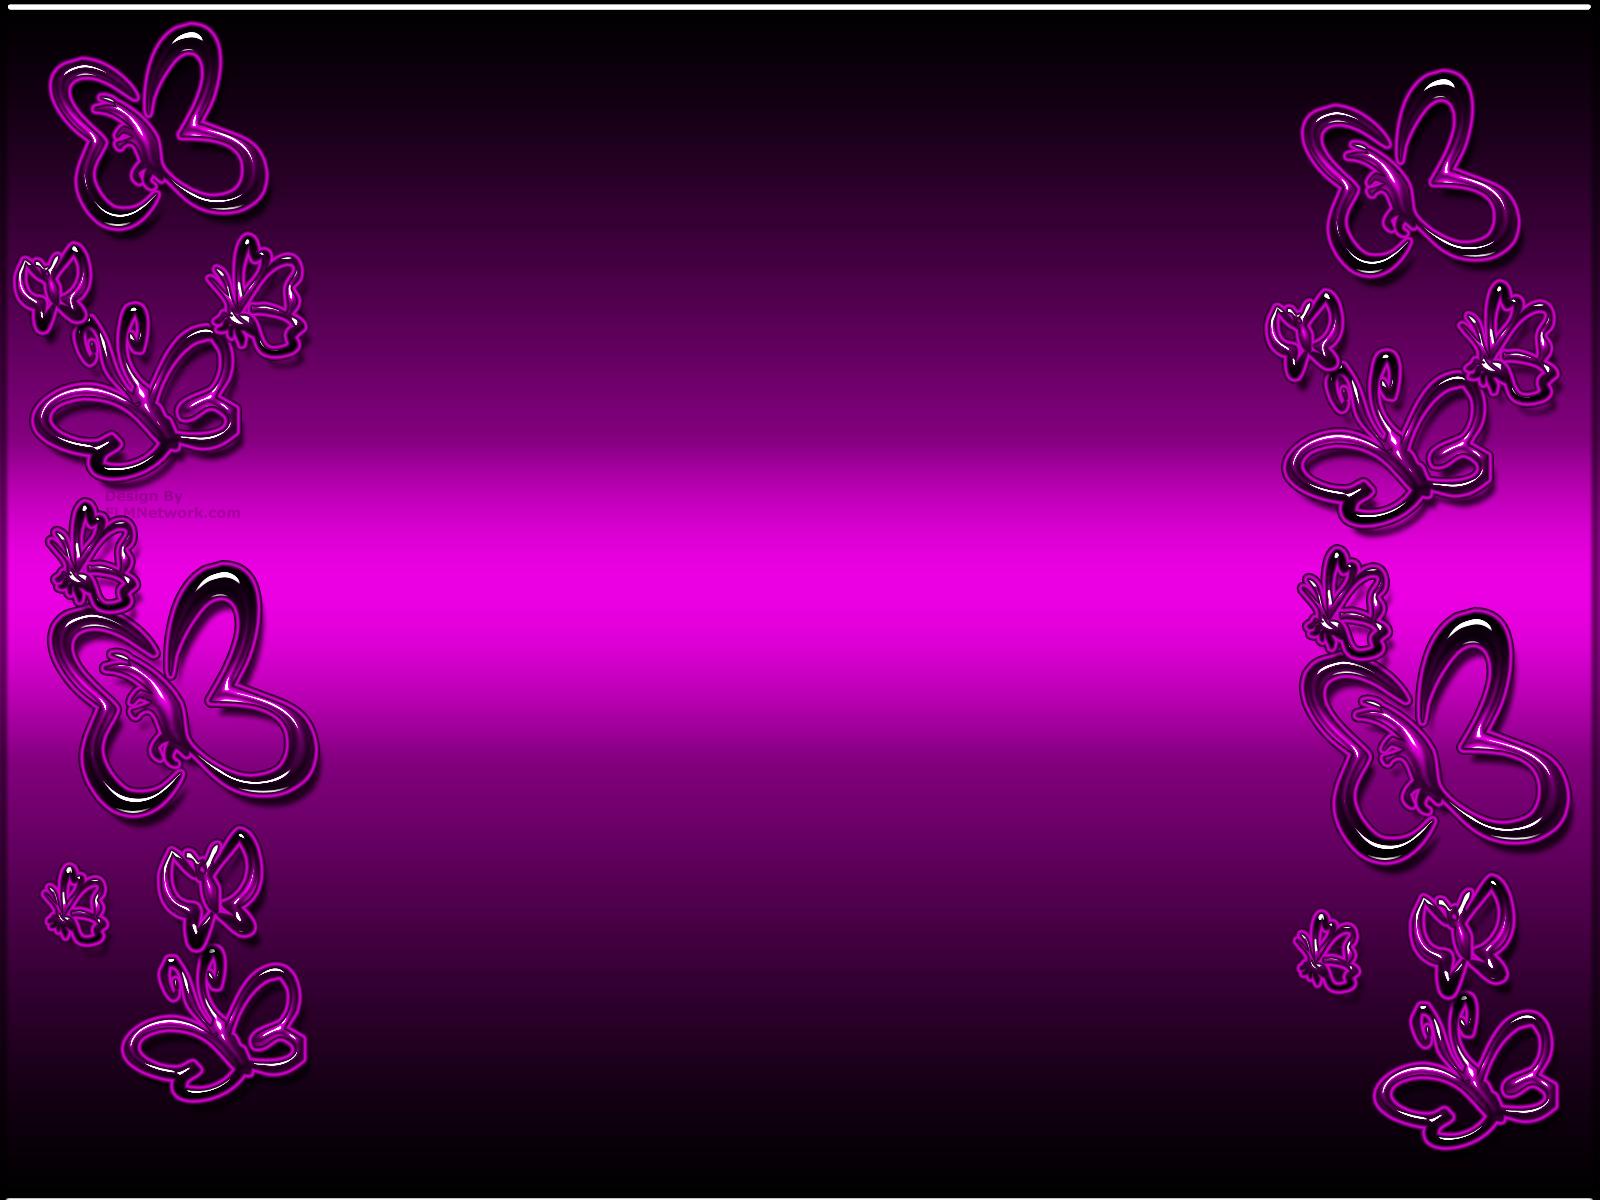 News Butterfly Purple Butterfly Wallpaper 1600x1200